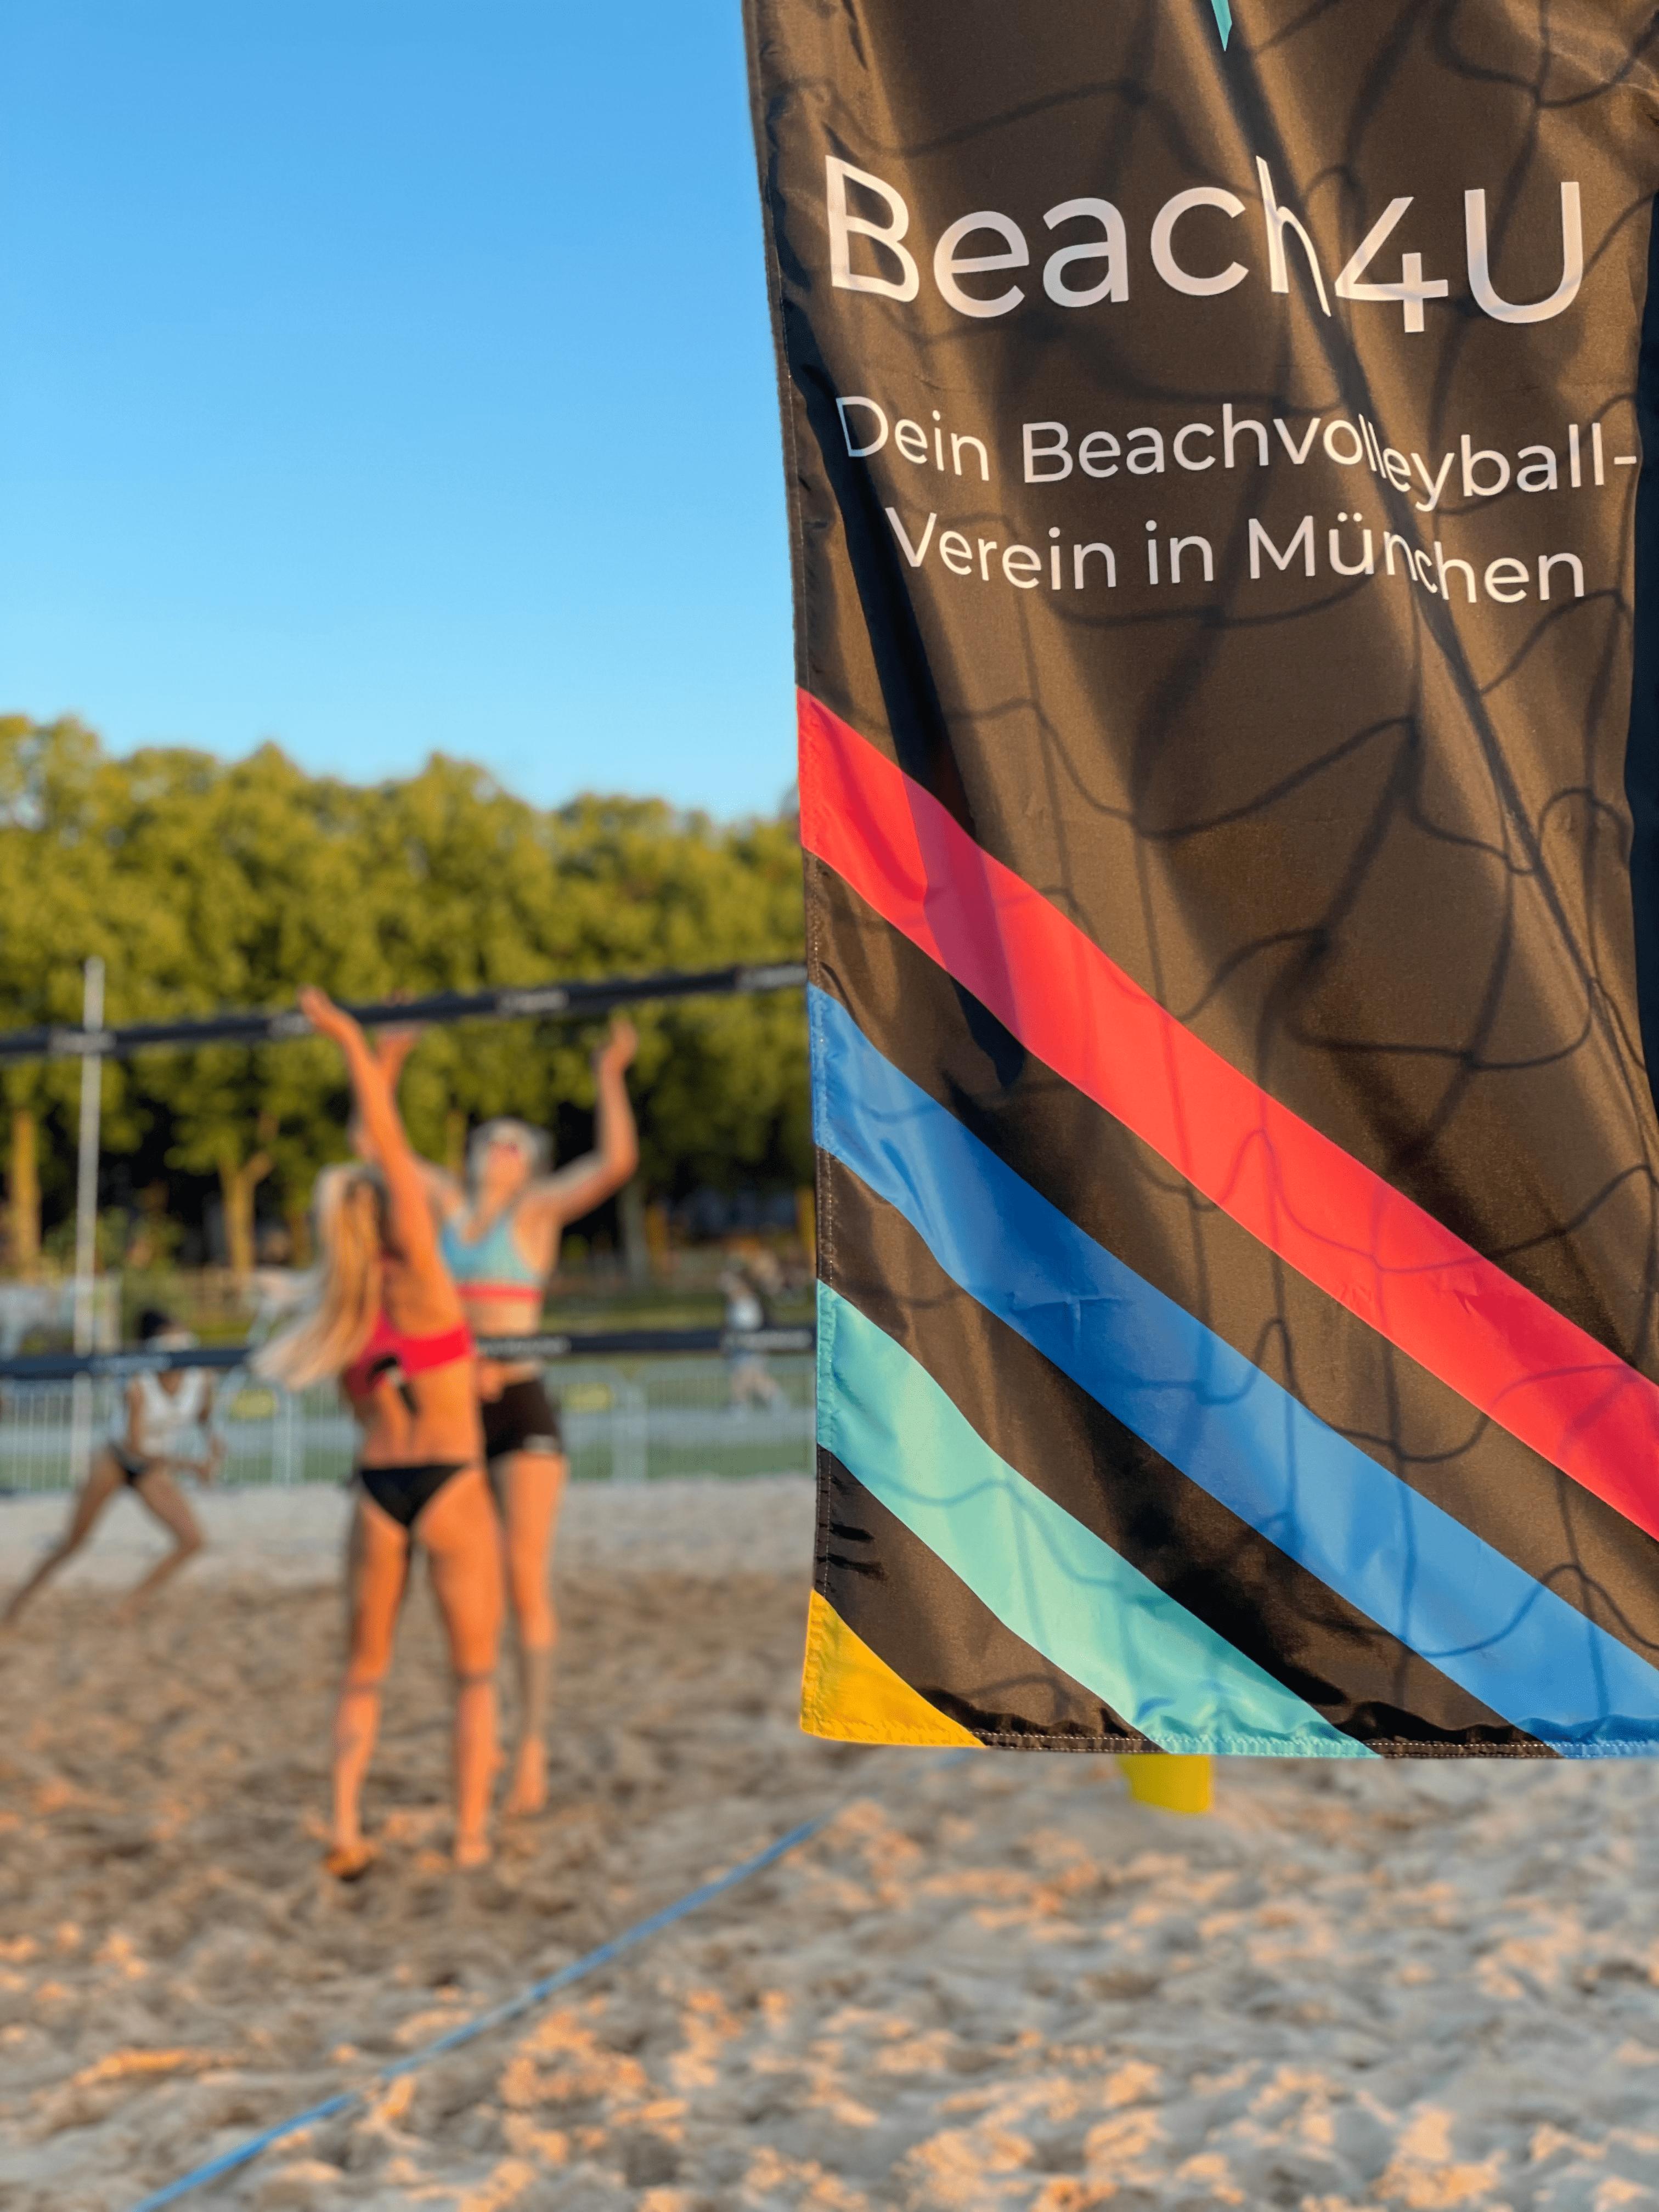 Beach4U Beachvolleyball auf der Theresienwiese